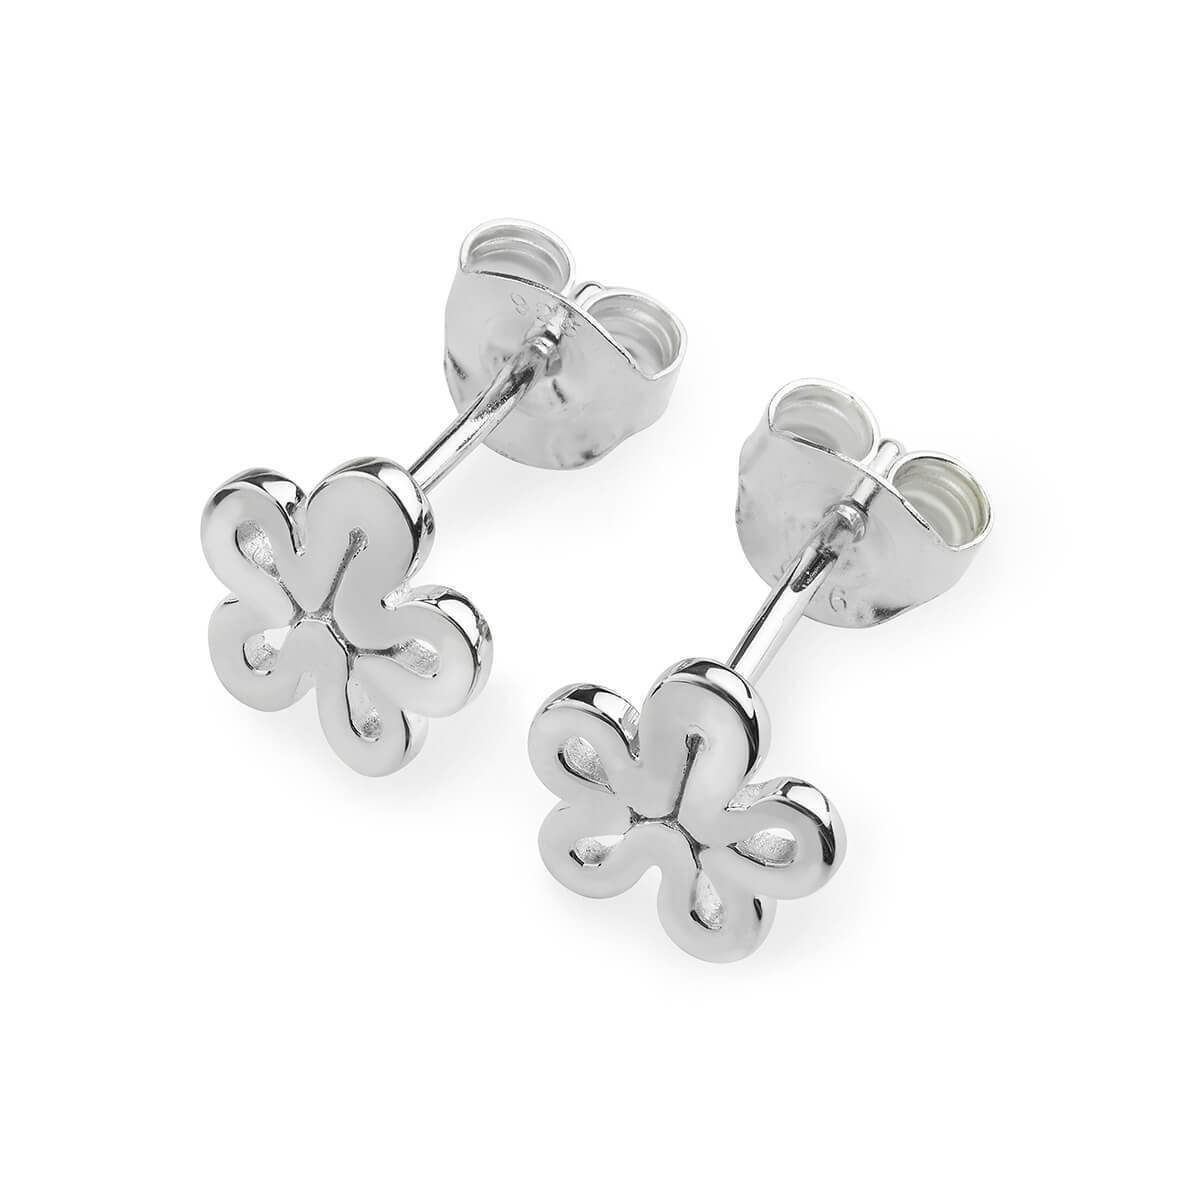 Lucy Quartermaine Splash Drop Earrings wfj670